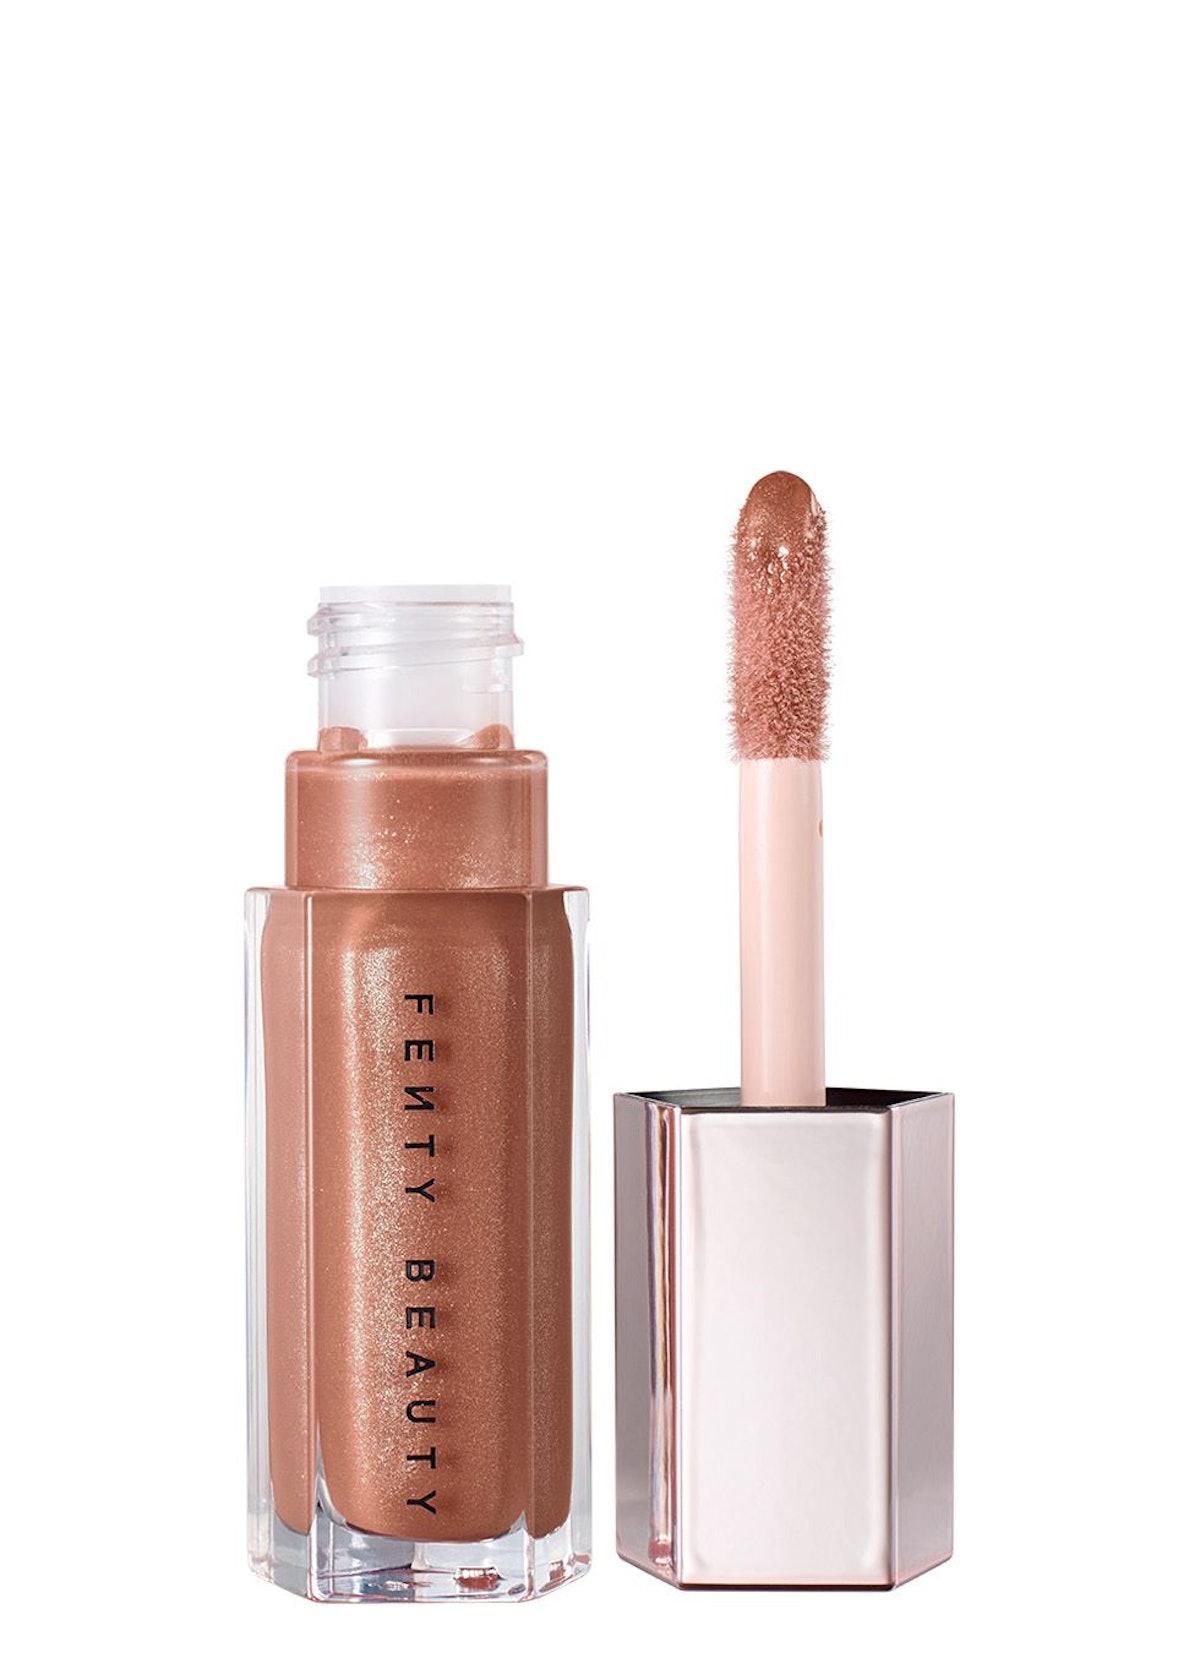 Gloss Bomb Universal Lip Luminizer - Fenty Glow: image 1